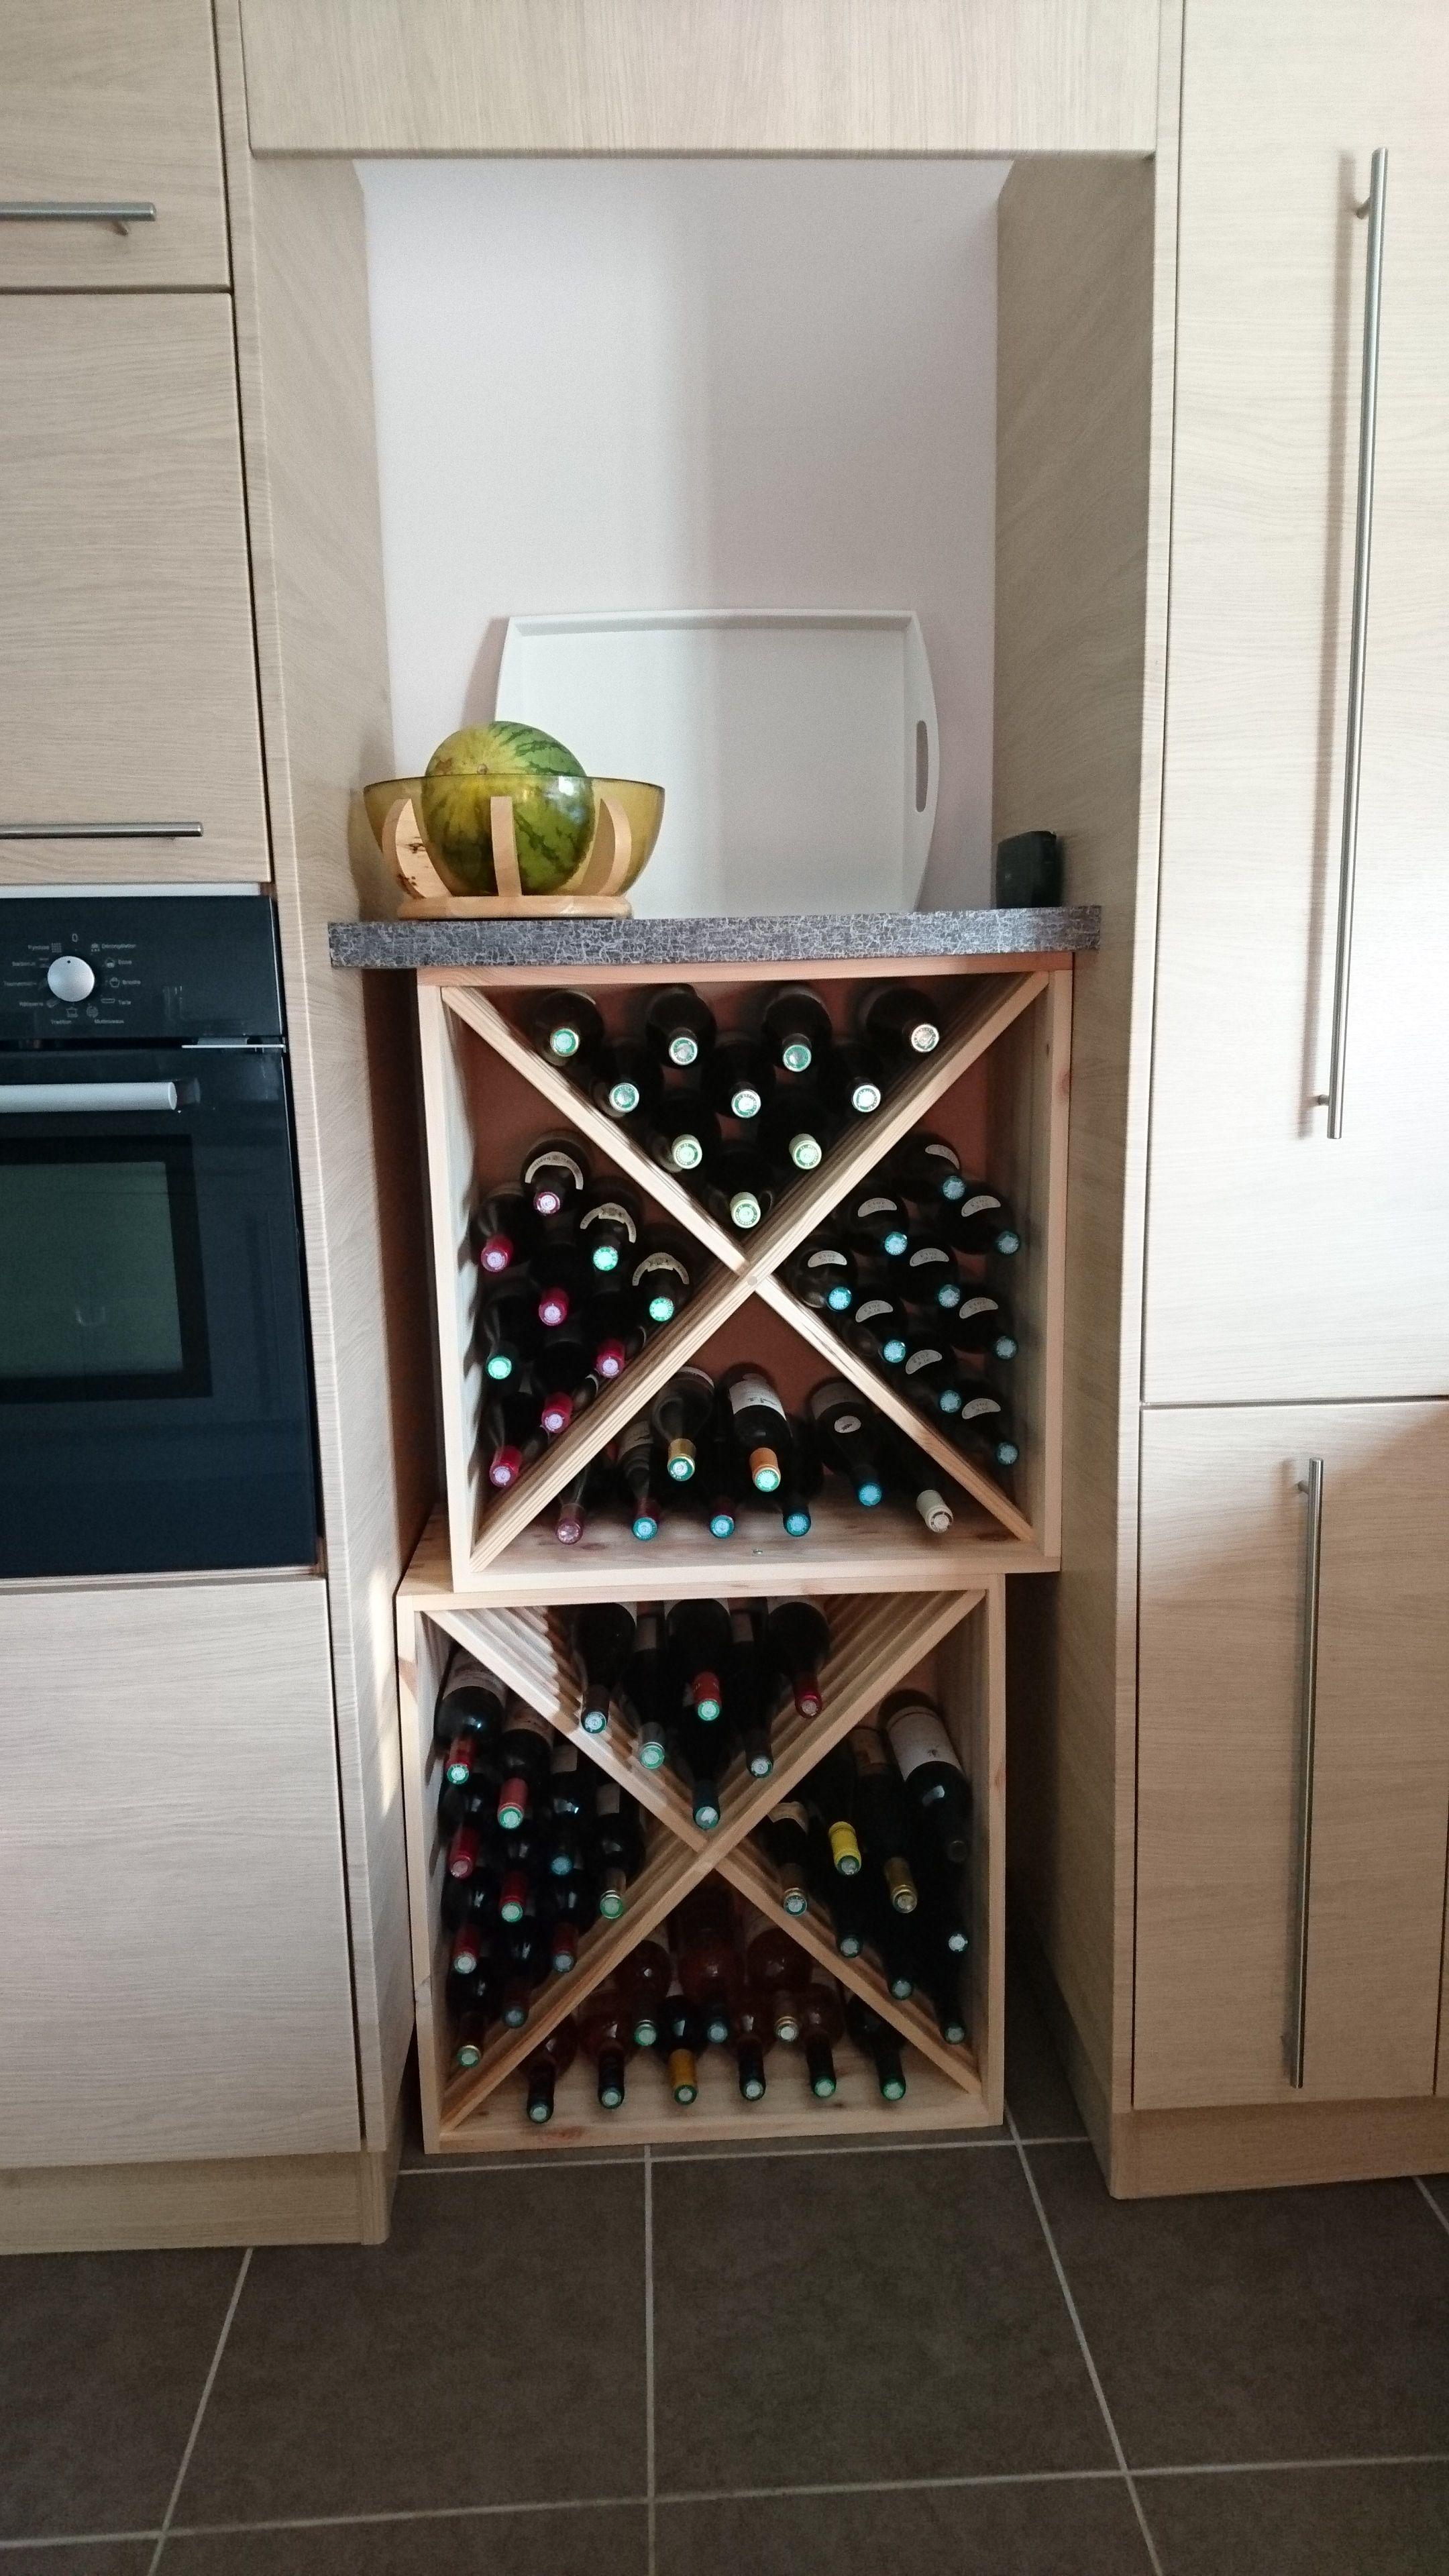 casiers pour bouteilles casier vin cave a vin rangement du vin amenagement